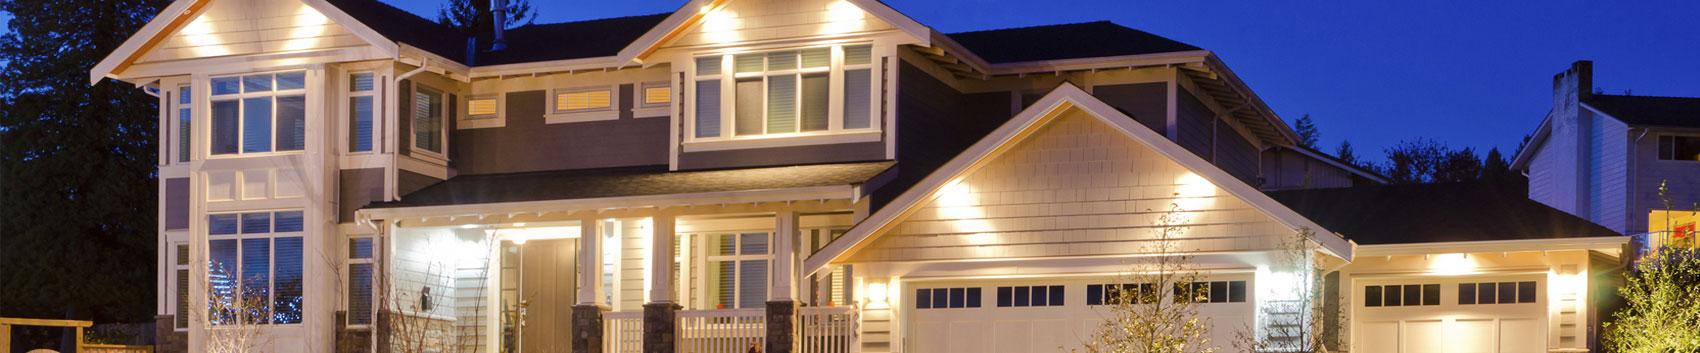 Slider-House